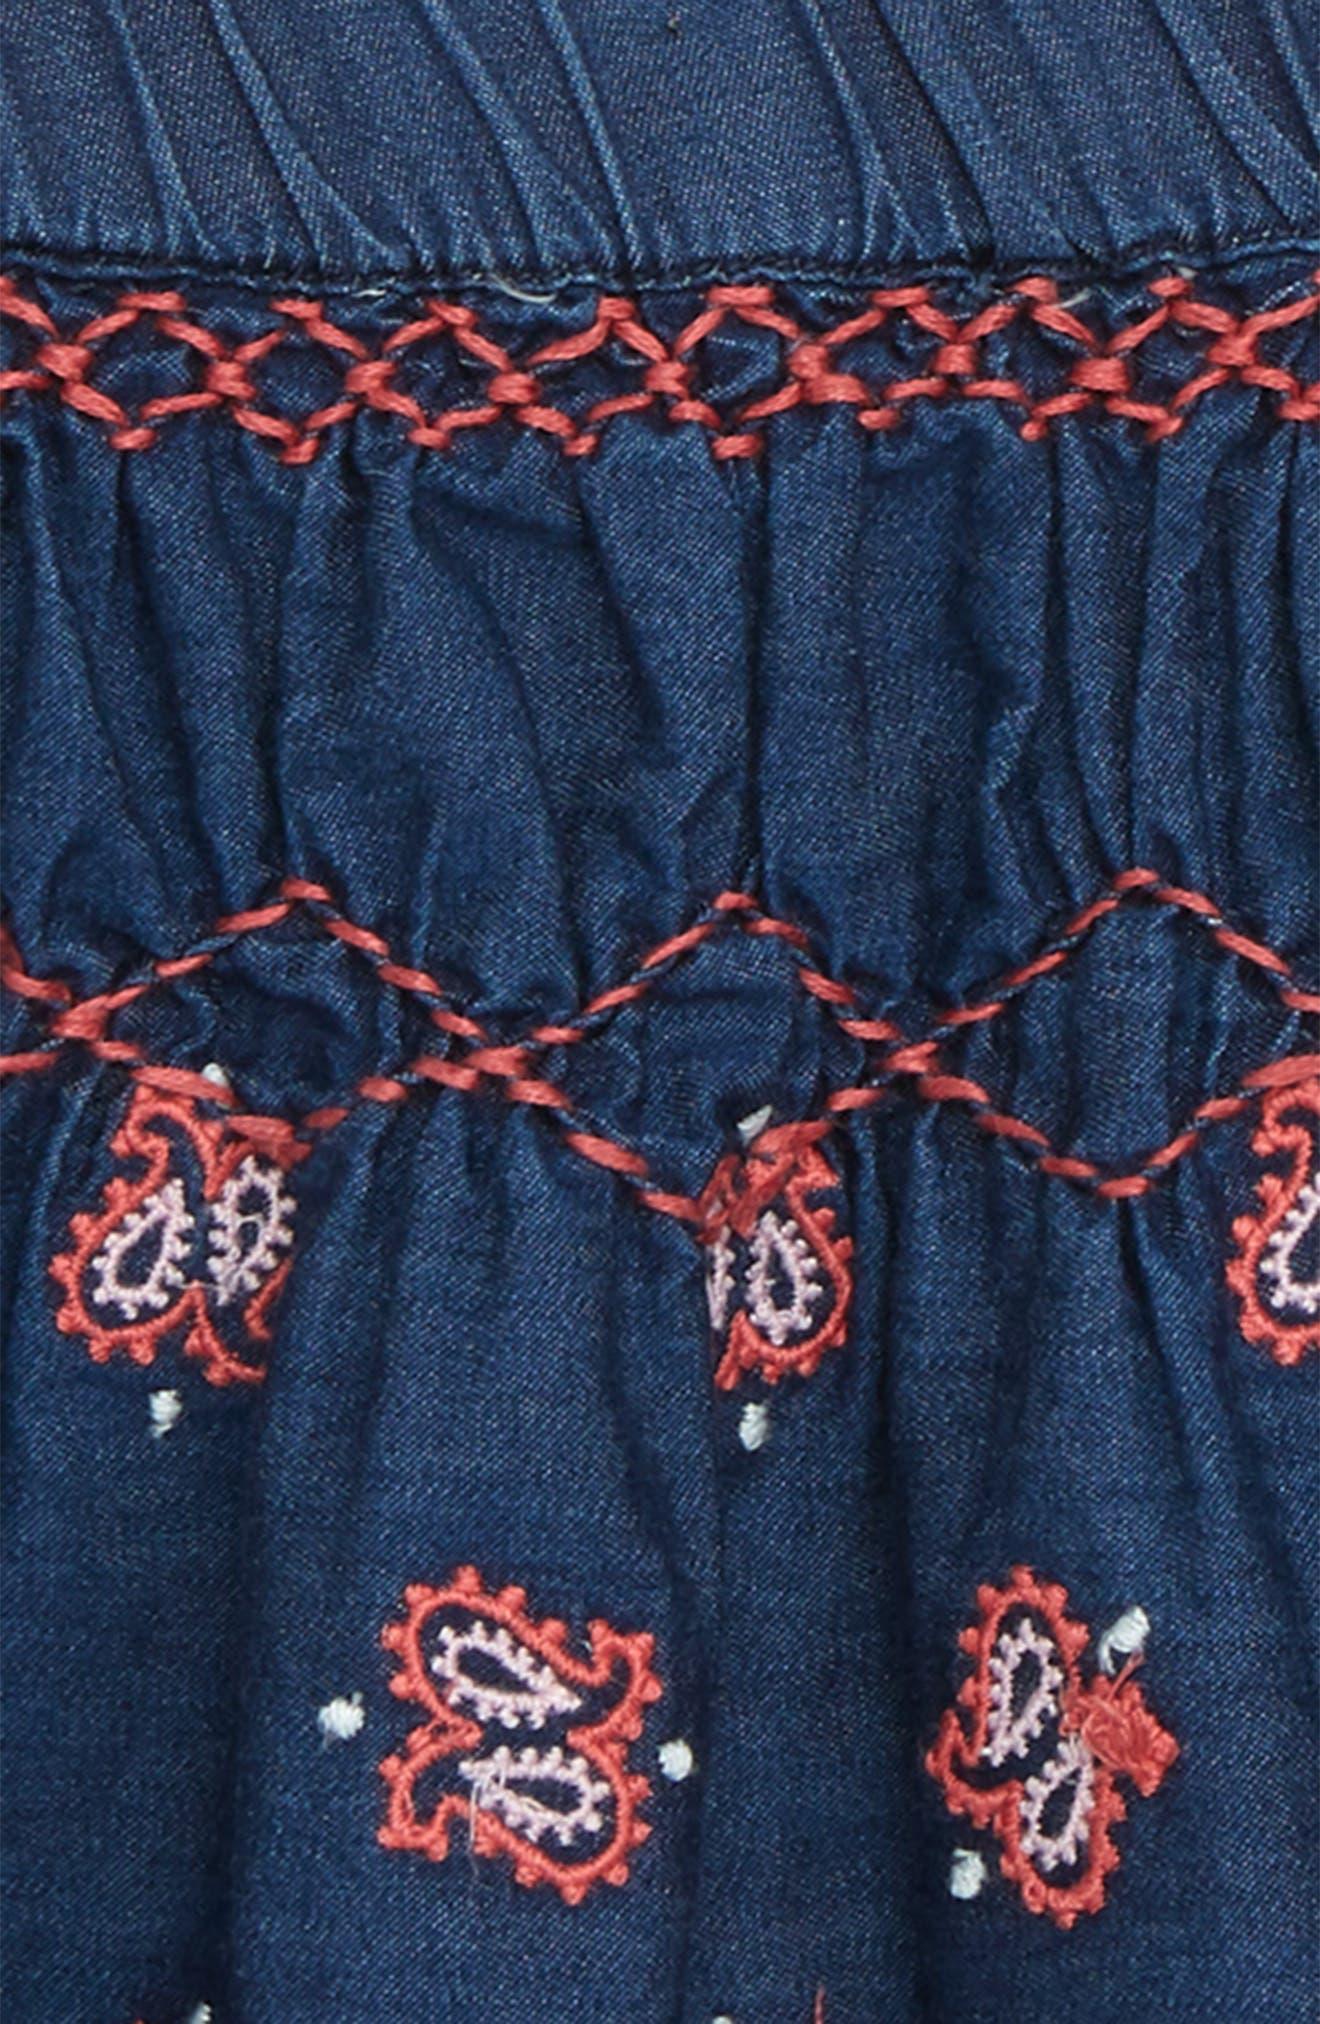 Peek Grace Embroidered Denim Skirt,                             Alternate thumbnail 2, color,                             402